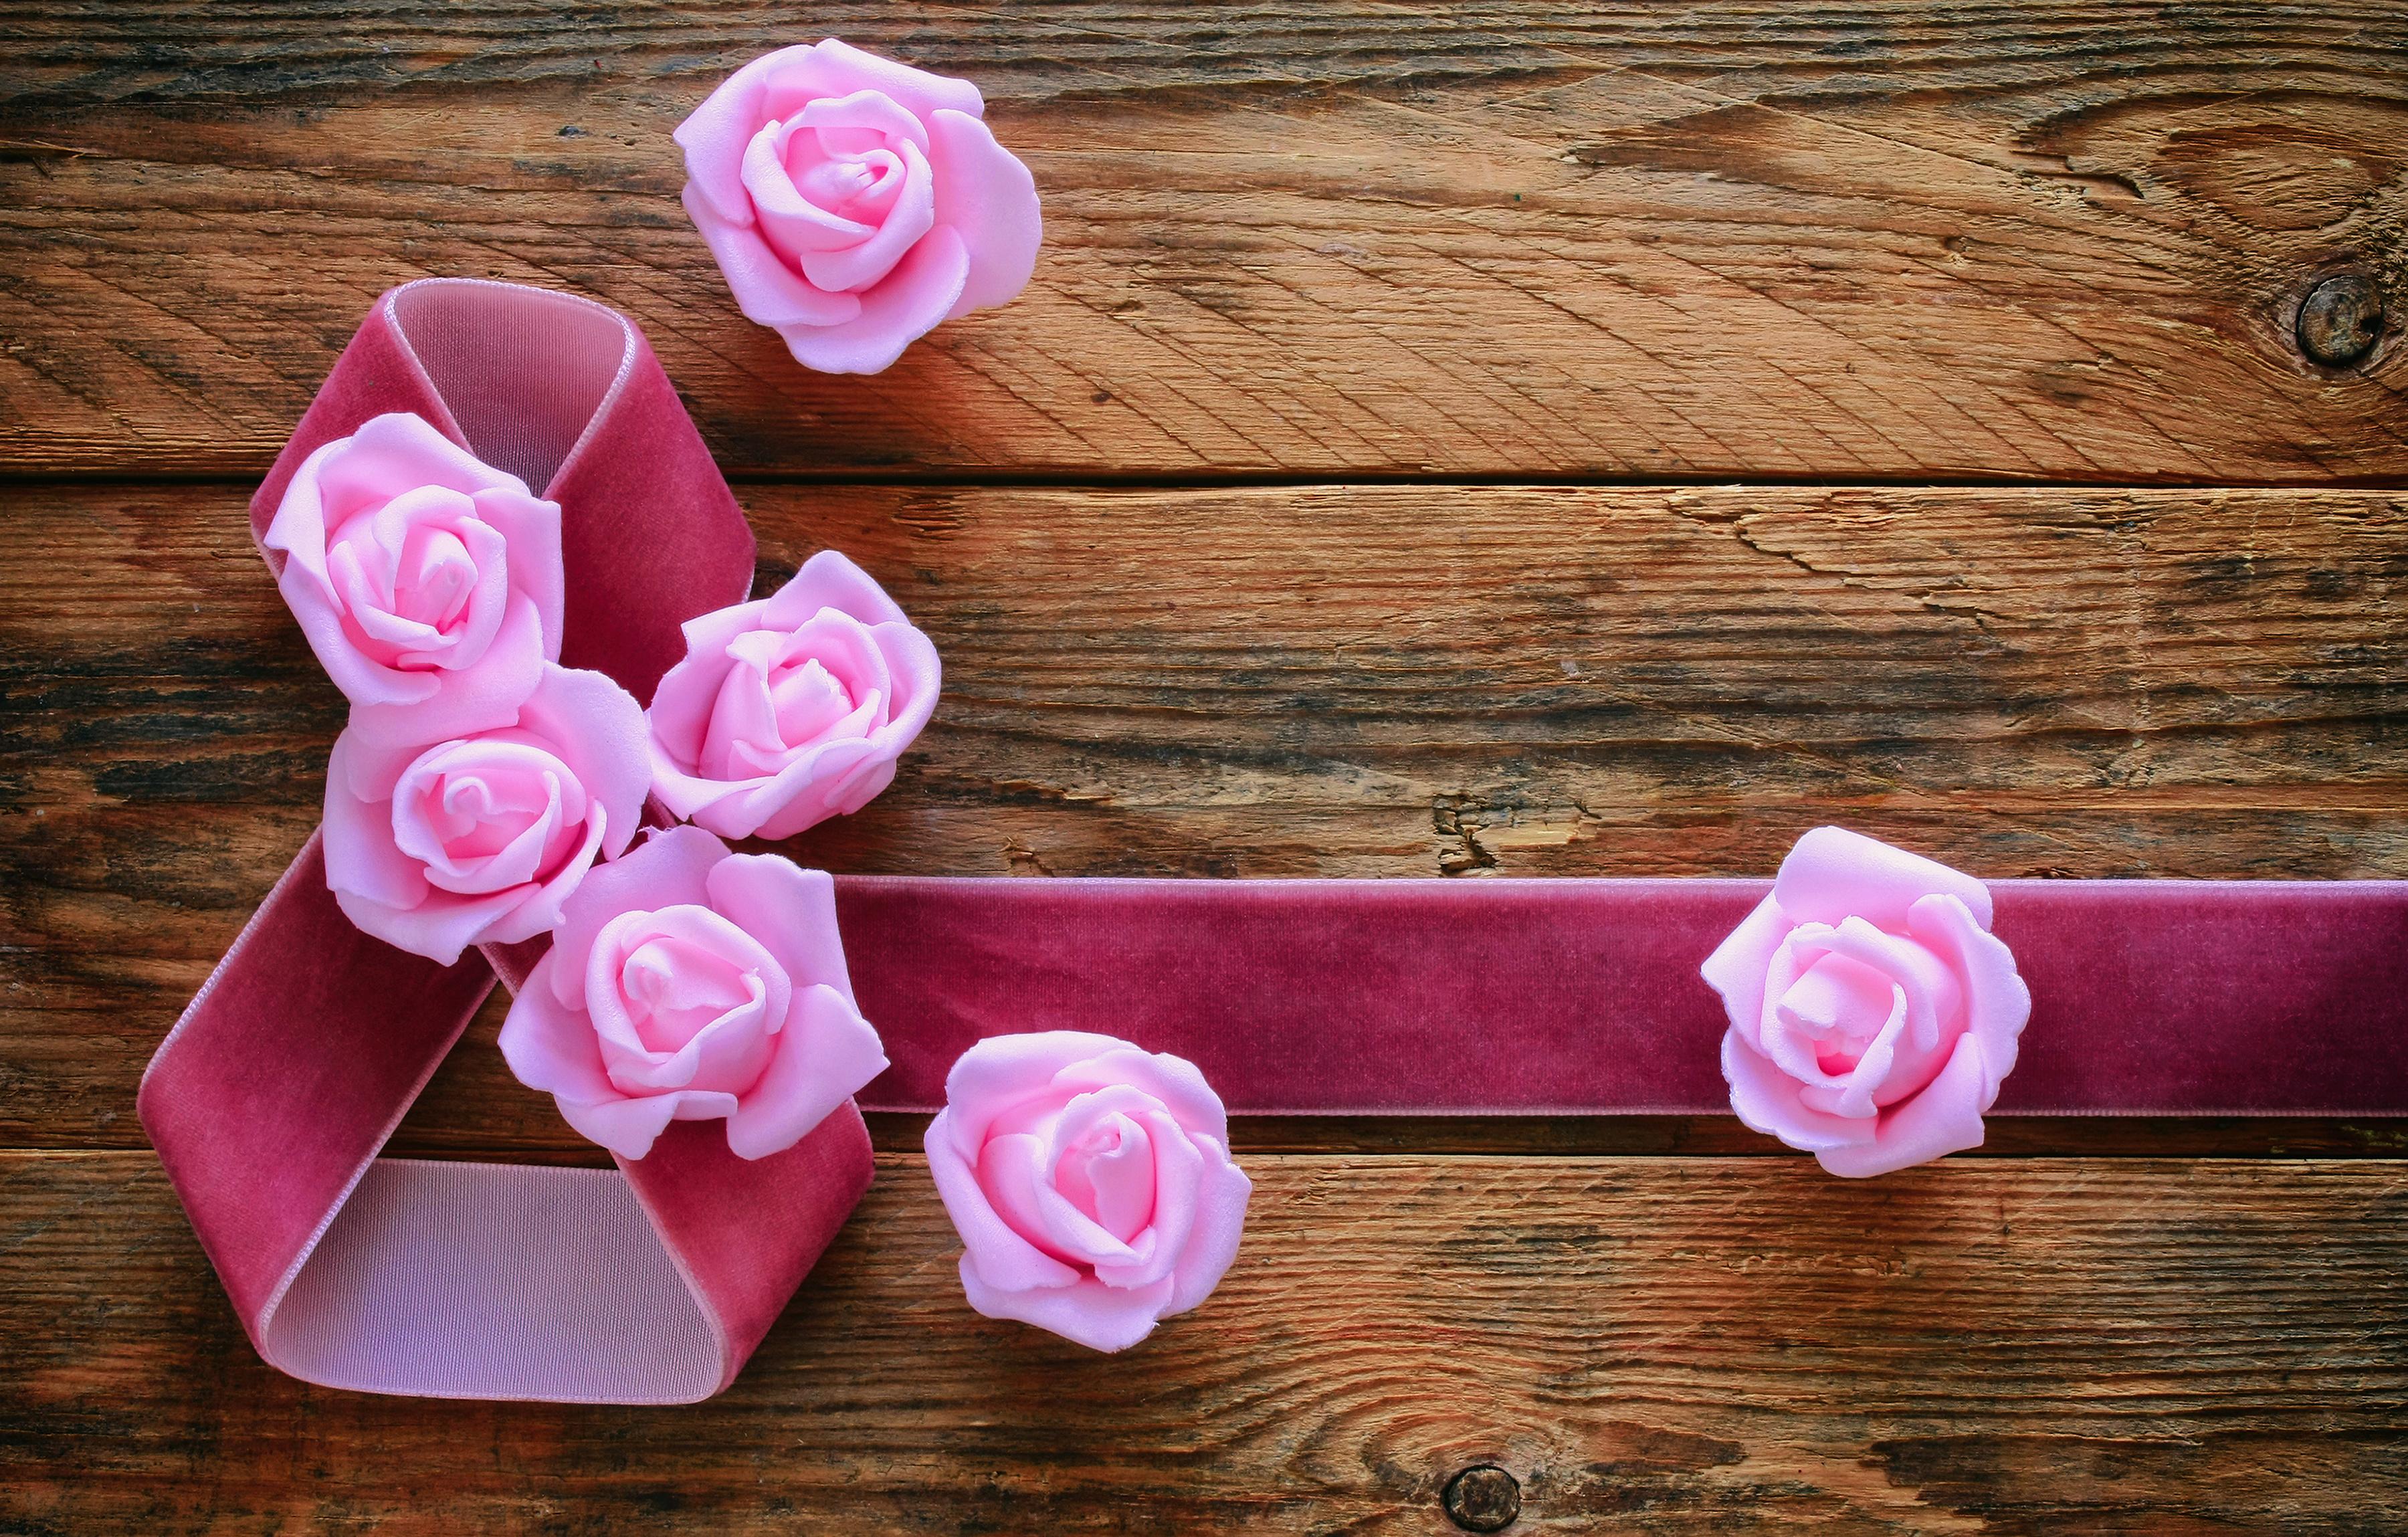 цветочки из ленты для открытки